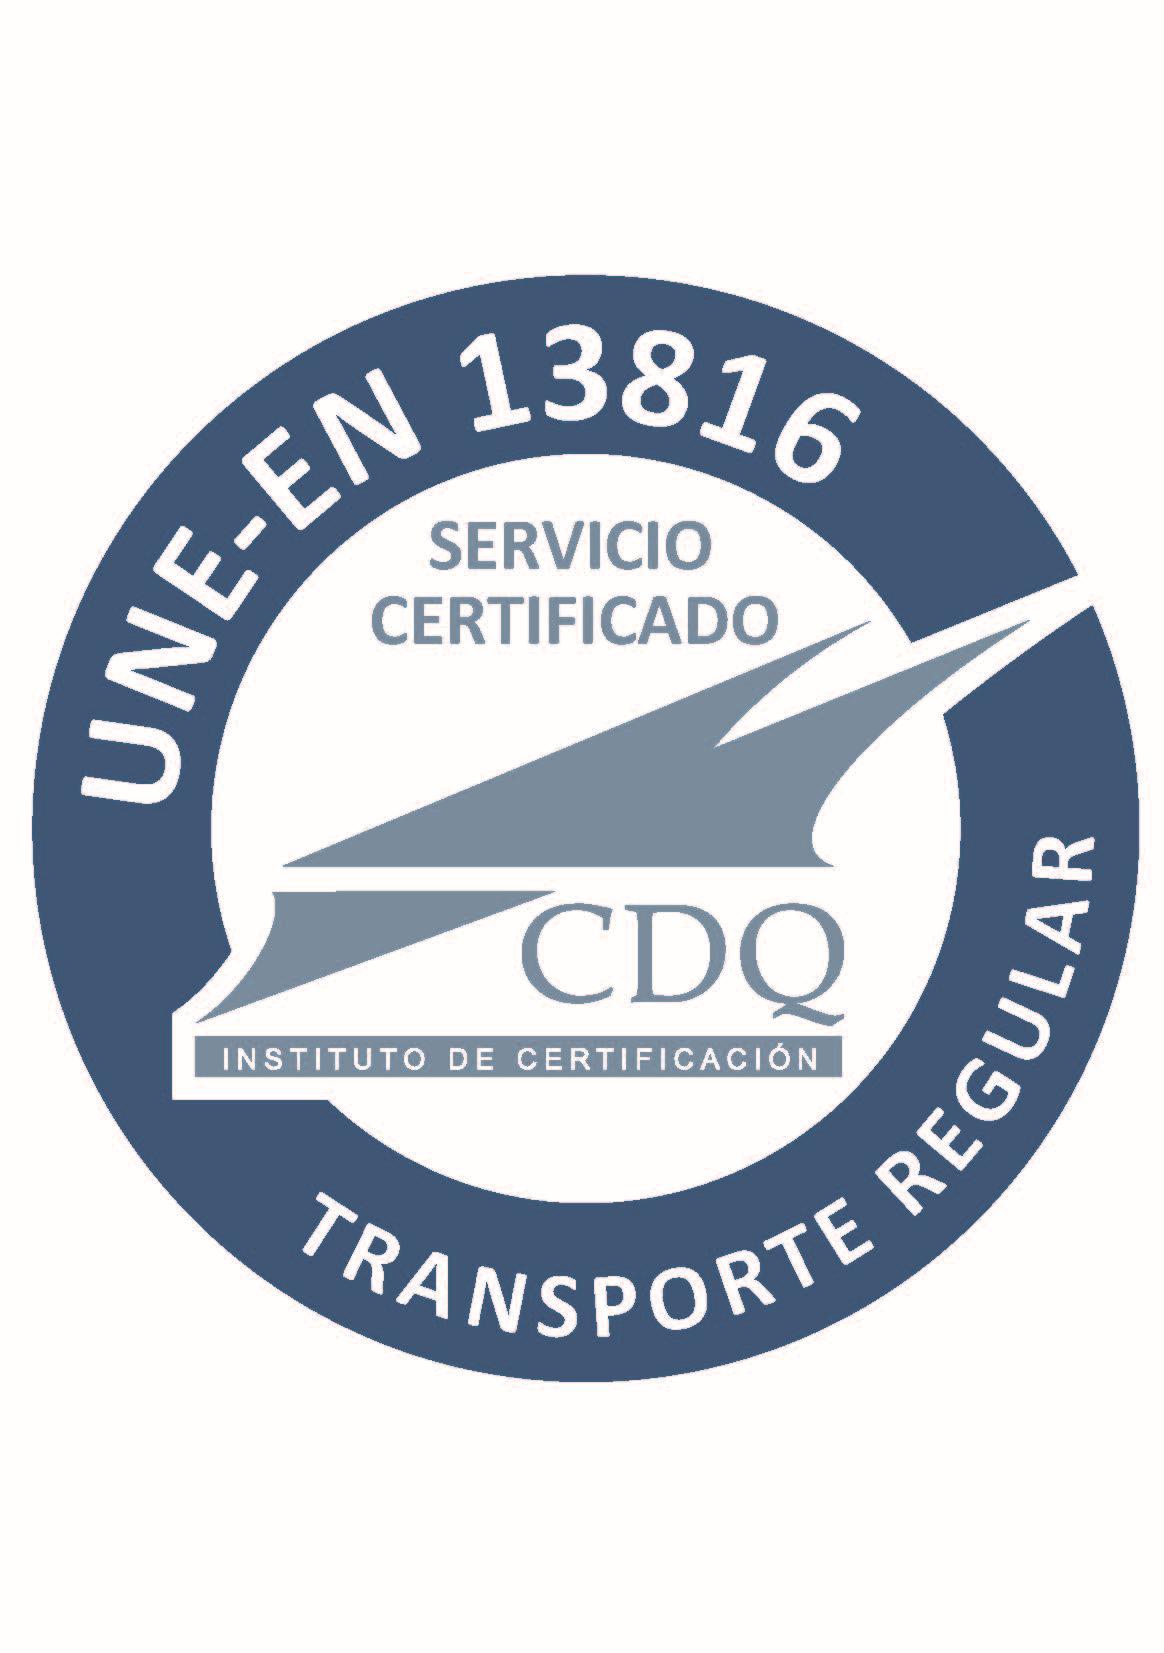 logo_une_13816